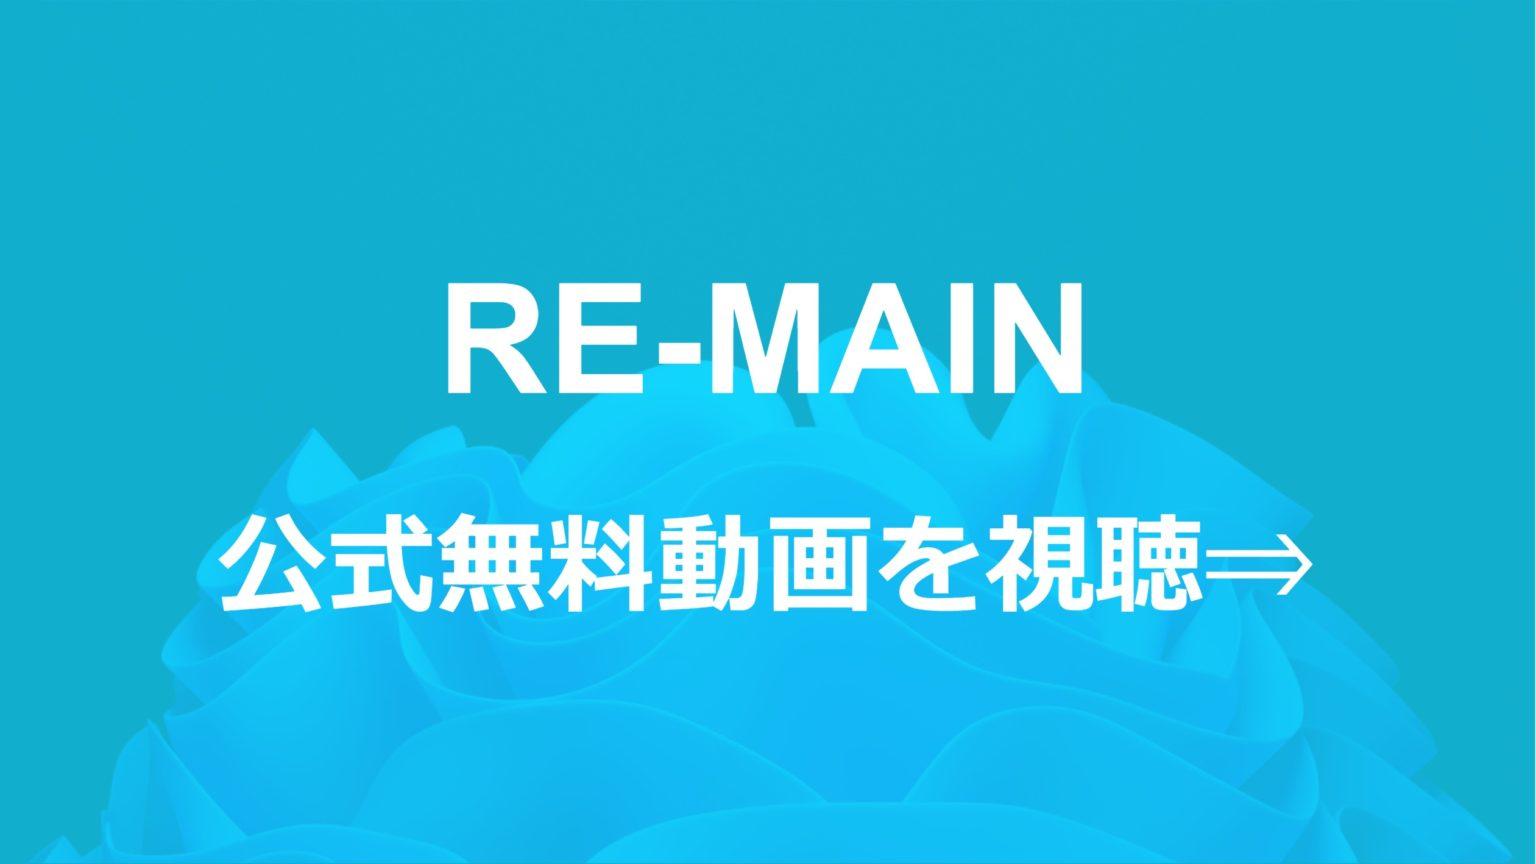 アニメ「RE-MAIN」無料フル動画を1話~全話視聴できる公式配信サービスまとめ!